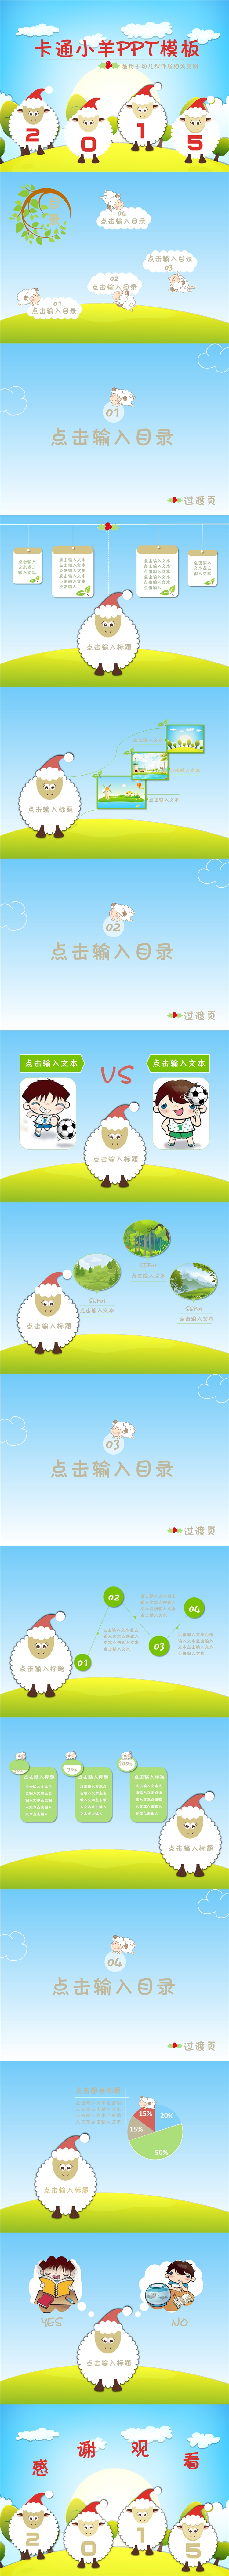 【送】2015年可爱卡通幼教小学ppt模板